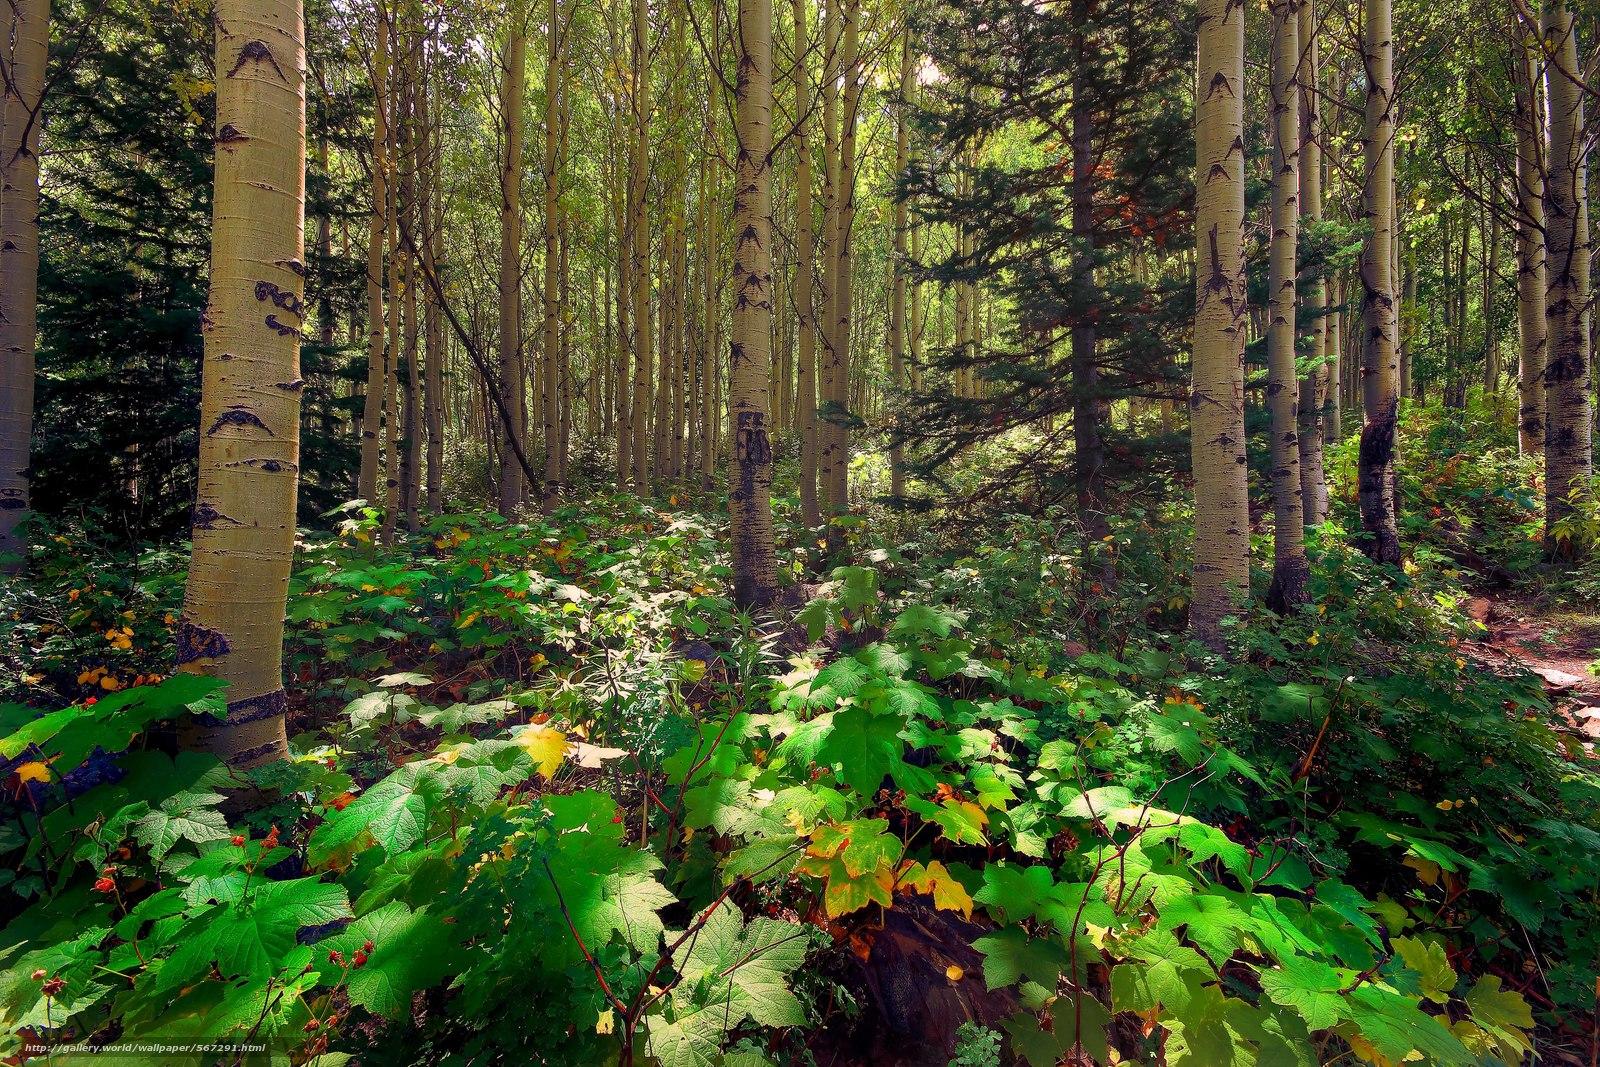 下载壁纸 松,  白杨,  阳光,  森林 免费为您的桌面分辨率的壁纸 5183x3455 — 图片 №567291